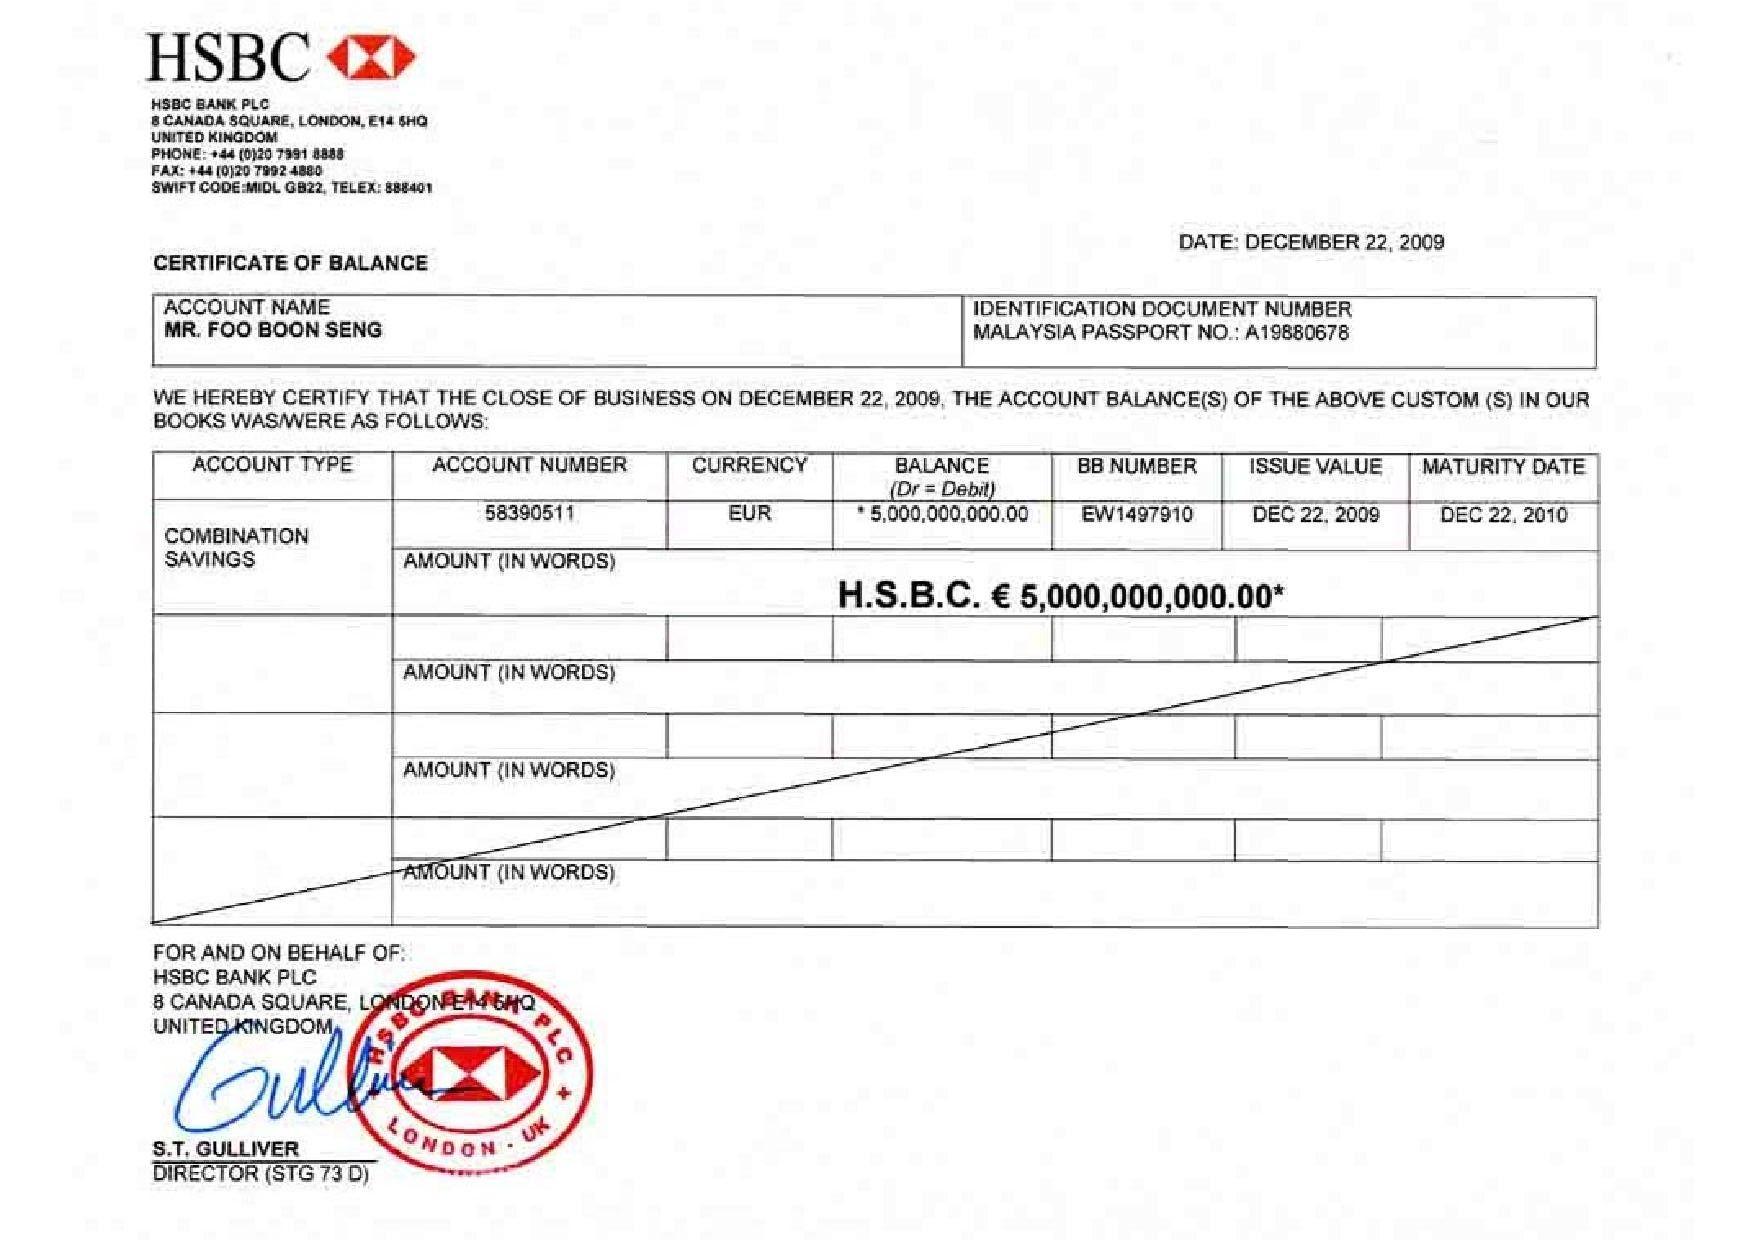 Letter sample bank account verification certification hsbc for letter sample bank account verification certification hsbc for request authorization distributor spiritdancerdesigns Images